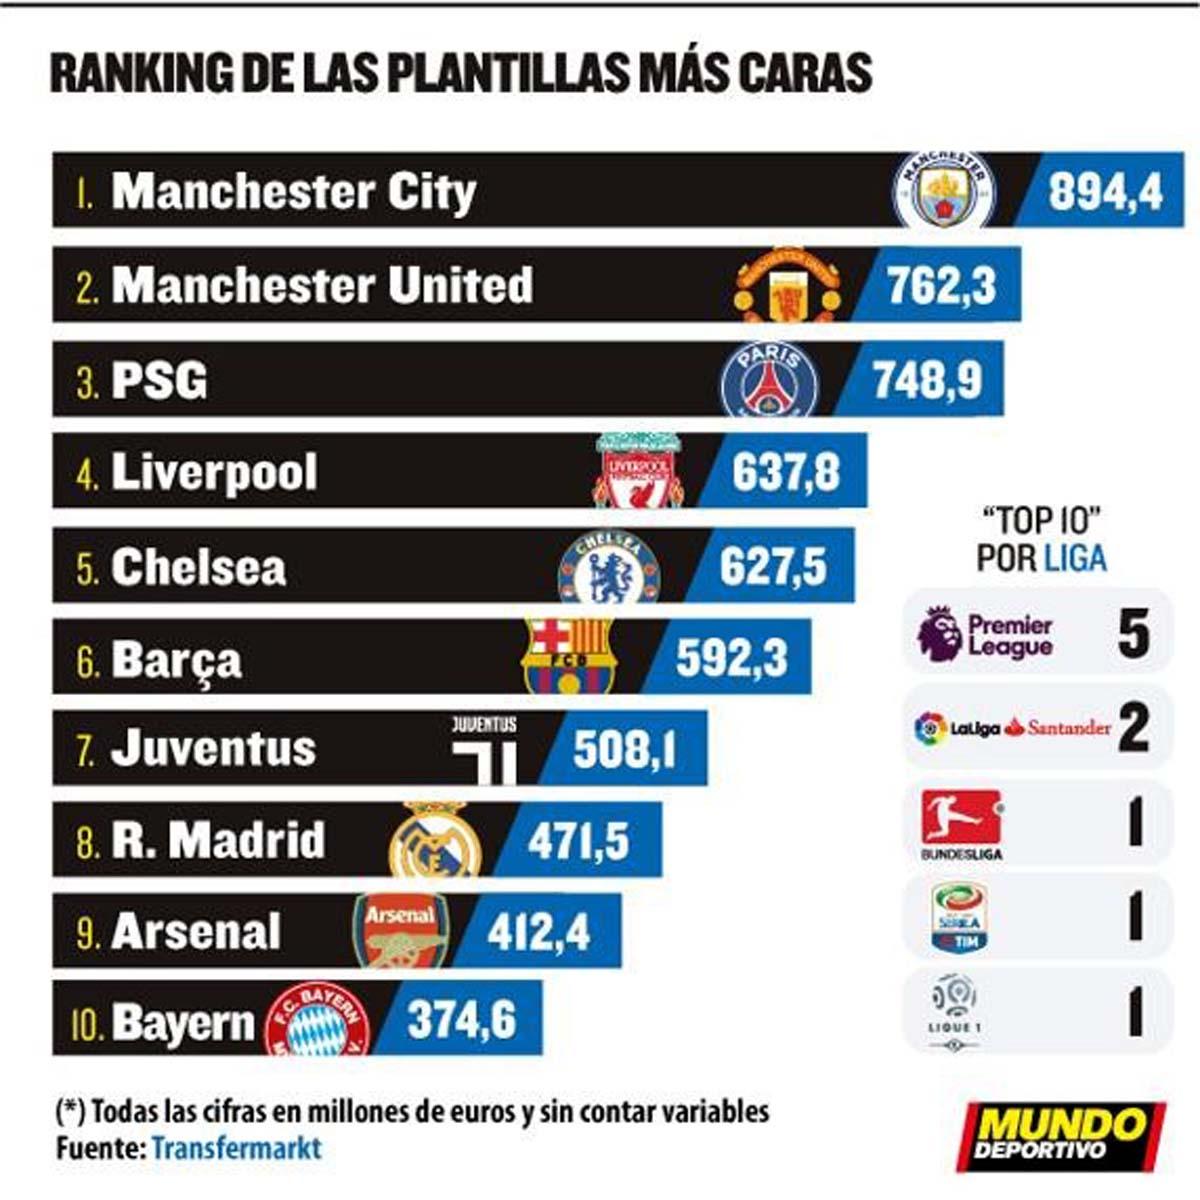 Αυτές είναι οι ακριβότερες ποδοσφαιρικές ομάδες του κόσμου